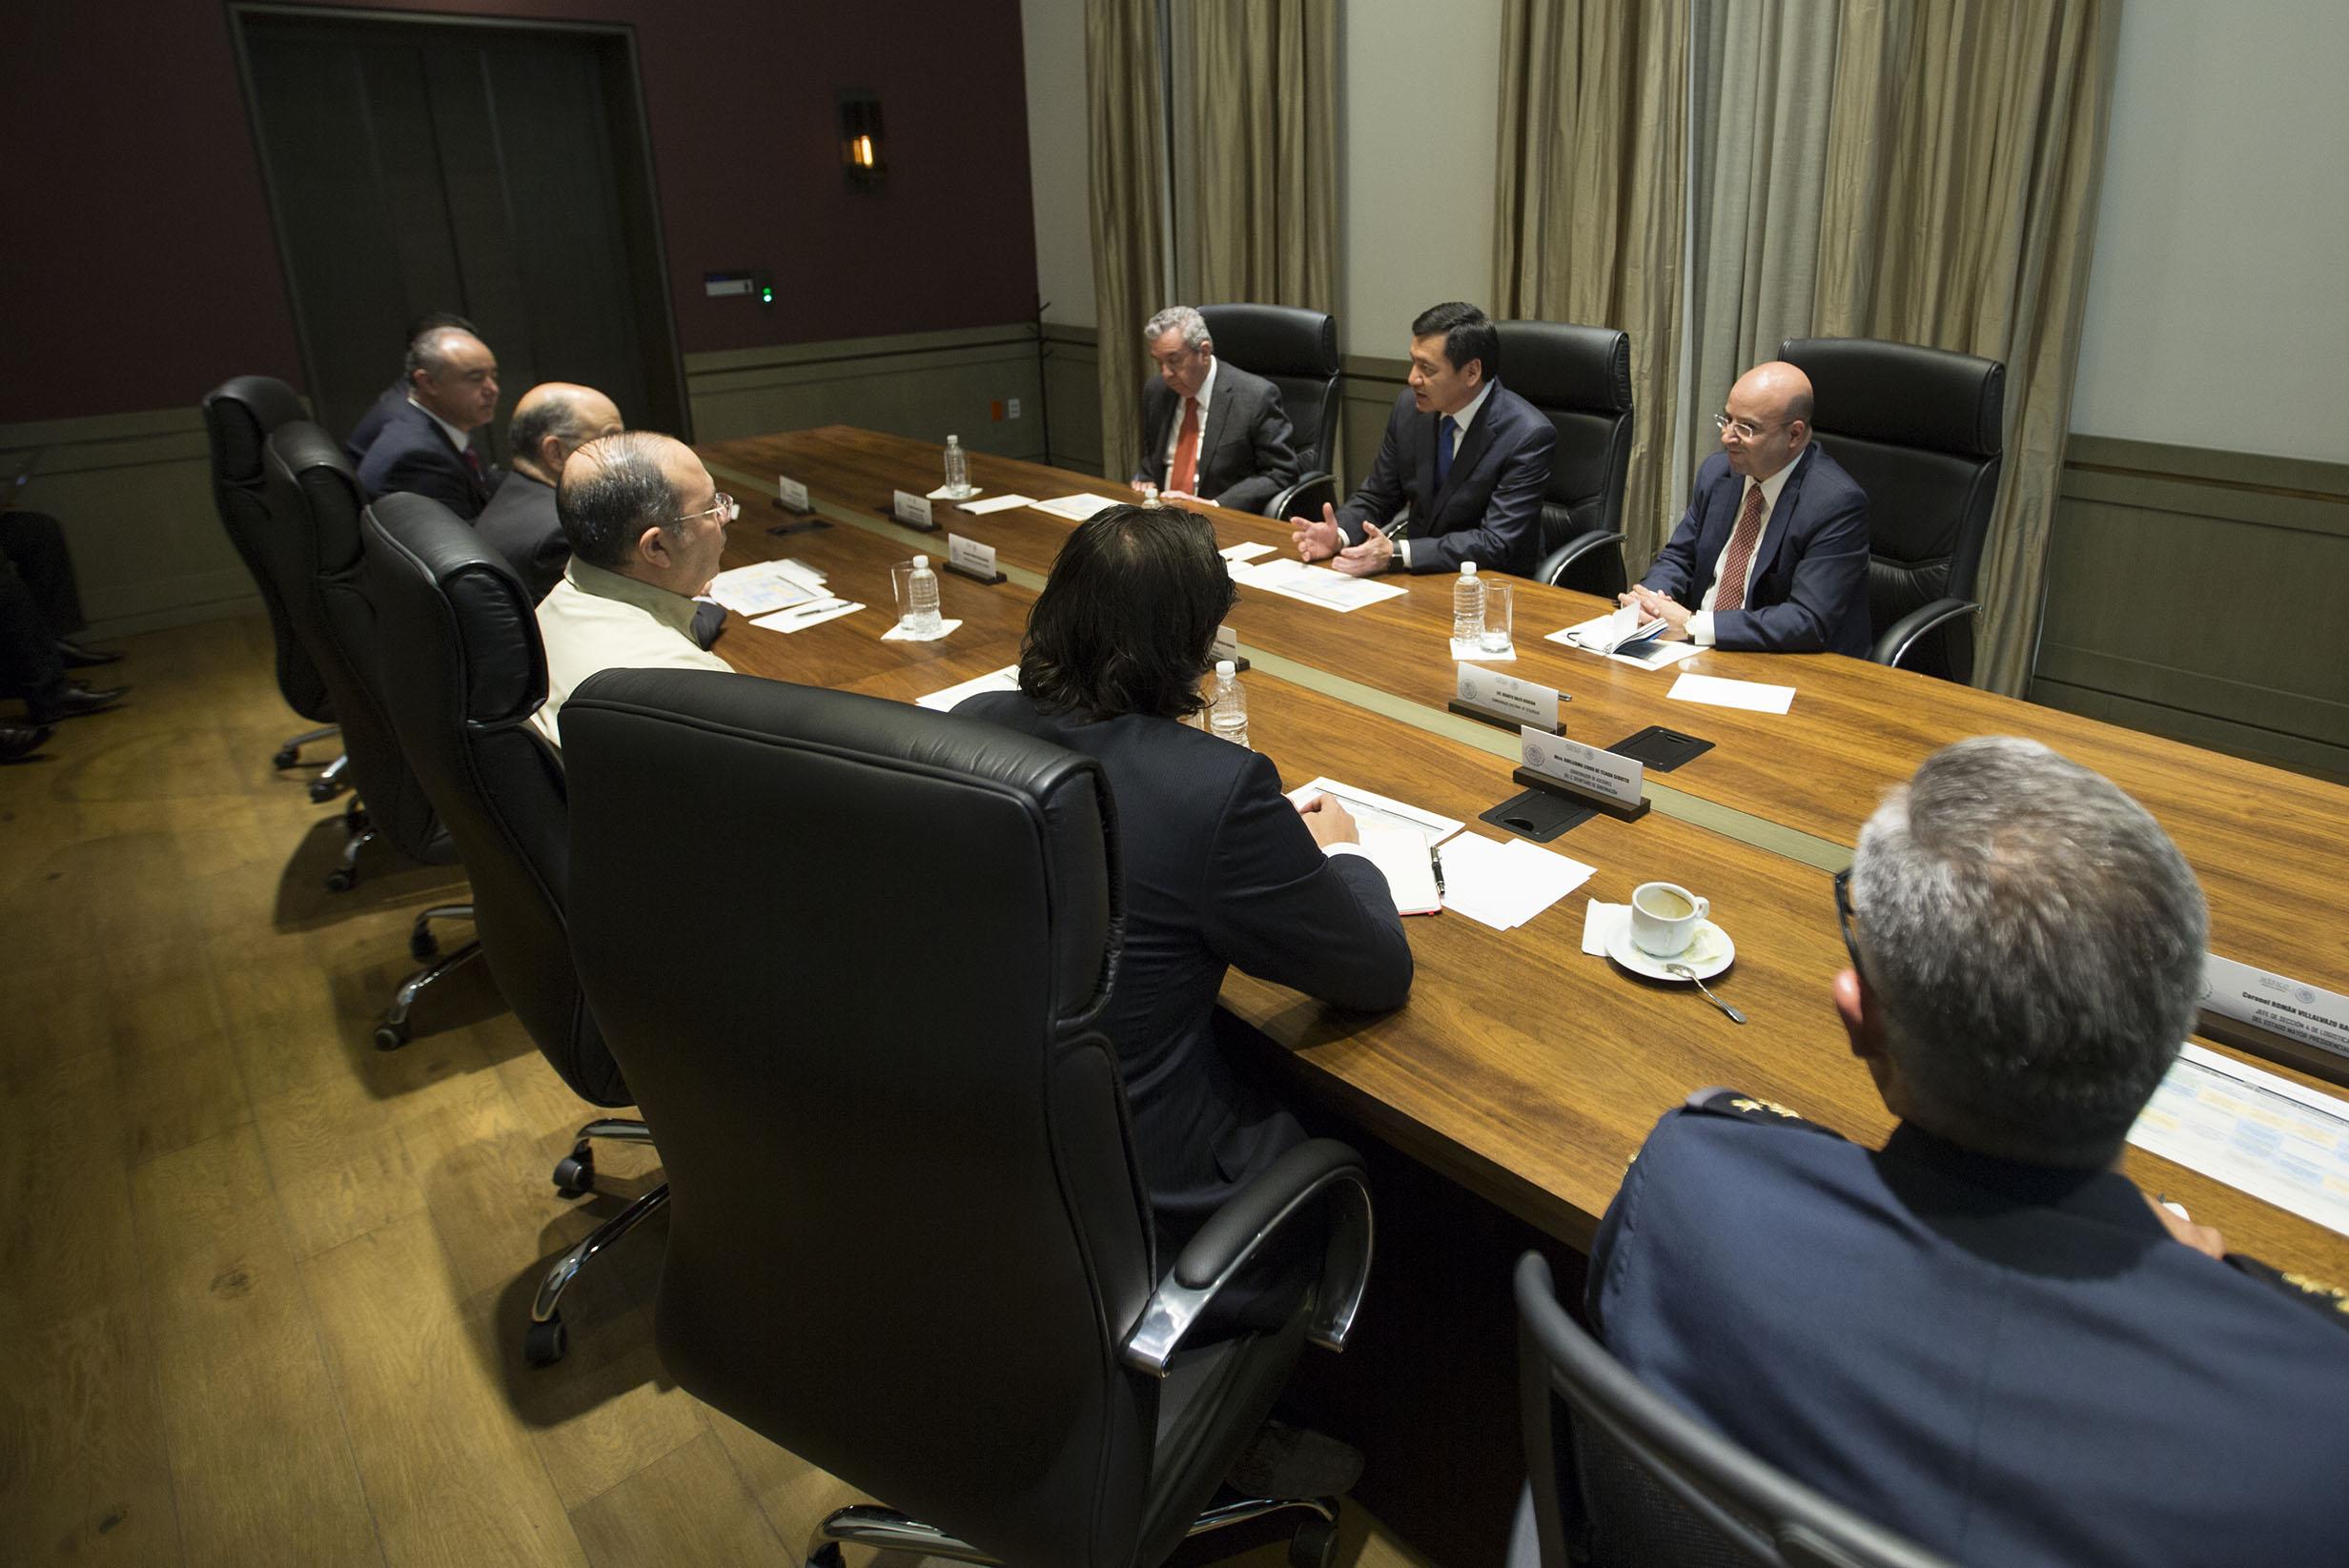 El Secretario de Gobernación, Miguel Ángel Osorio Chong, encabeza reunión de coordinación de cara a la visita de su Santidad a México.